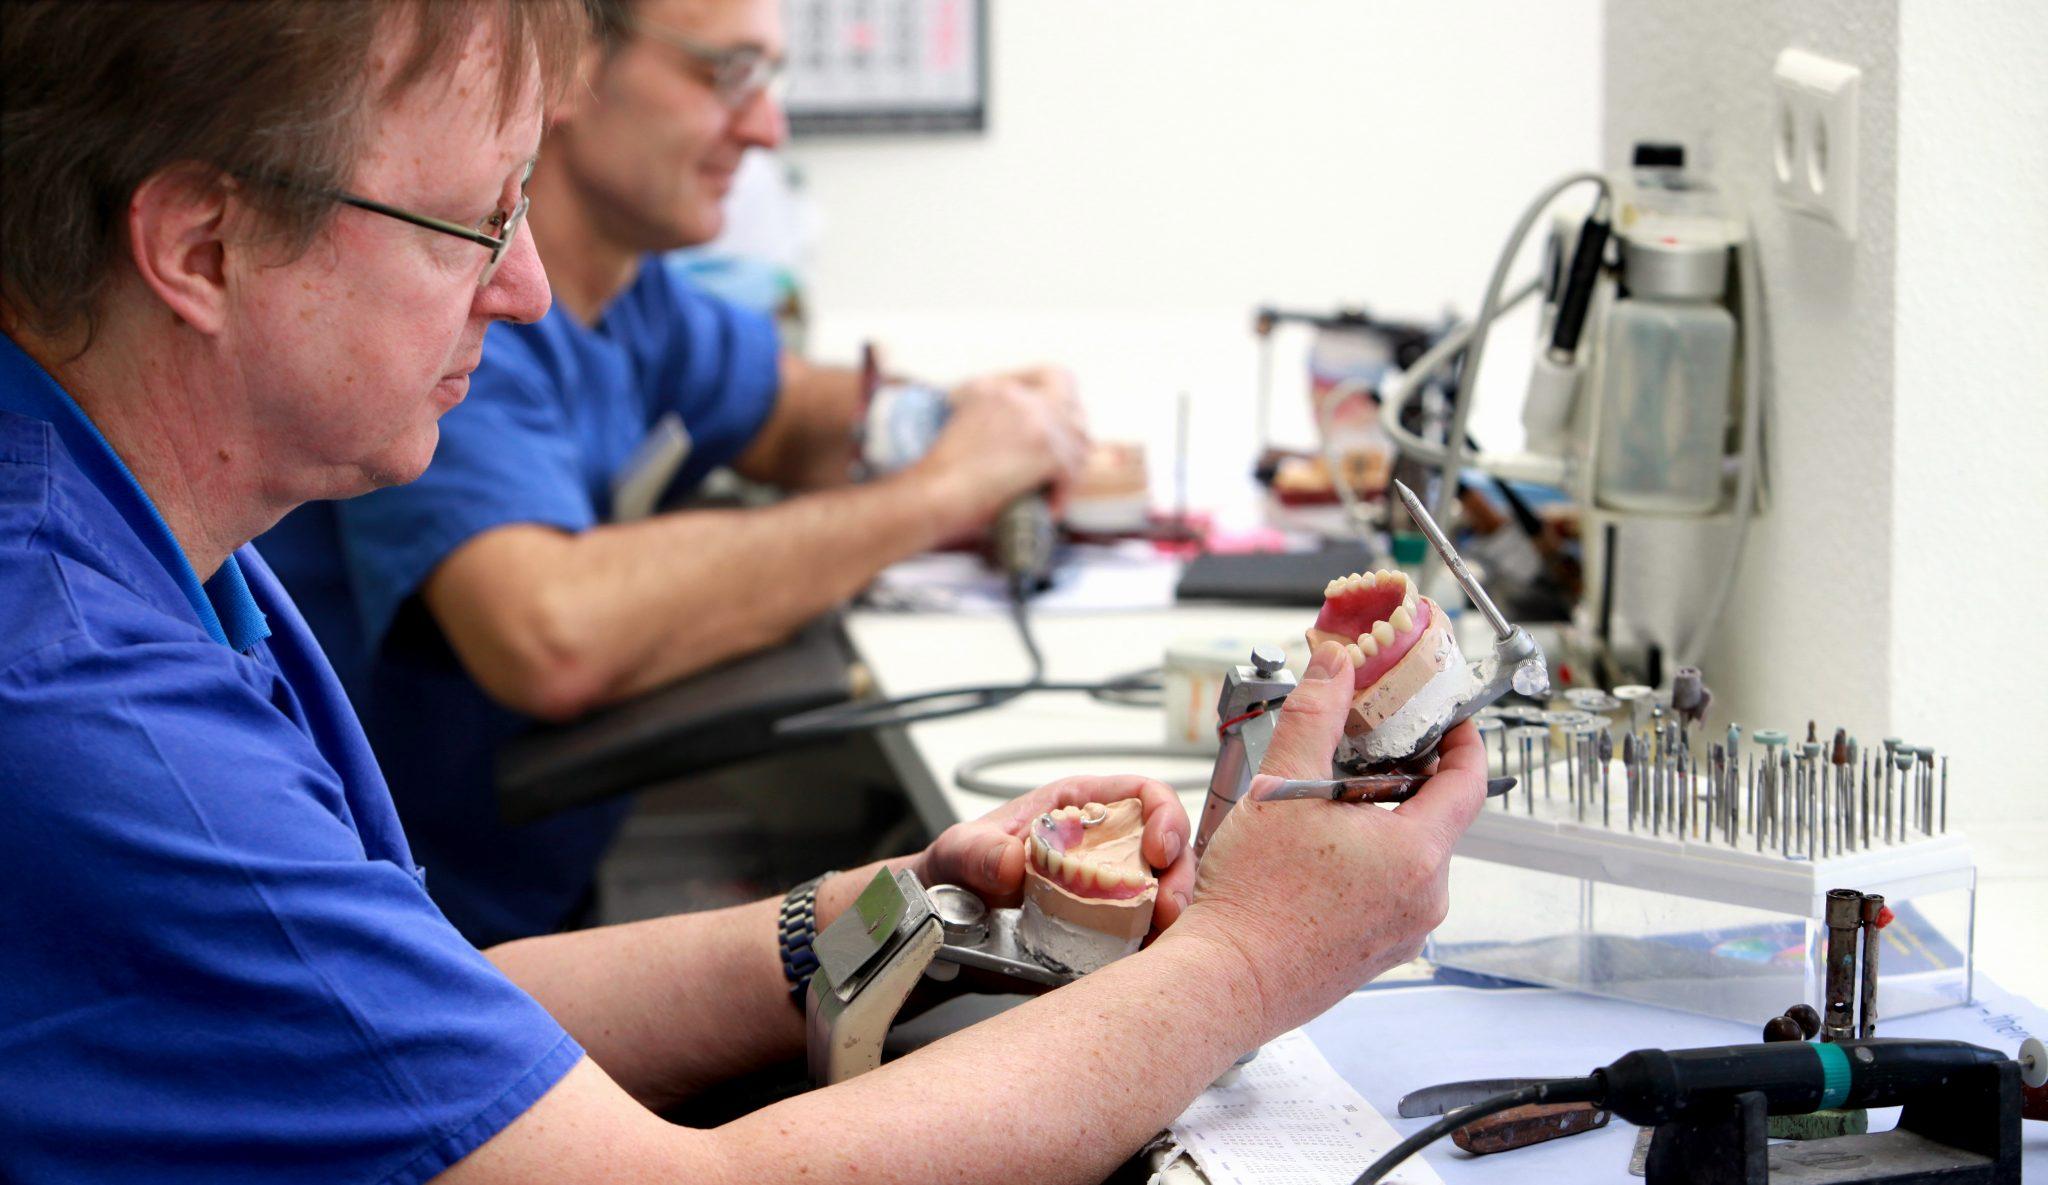 Zahntechniker bei der Arbeit Szene 3 Praxis Zahnarzt Dr. Bals